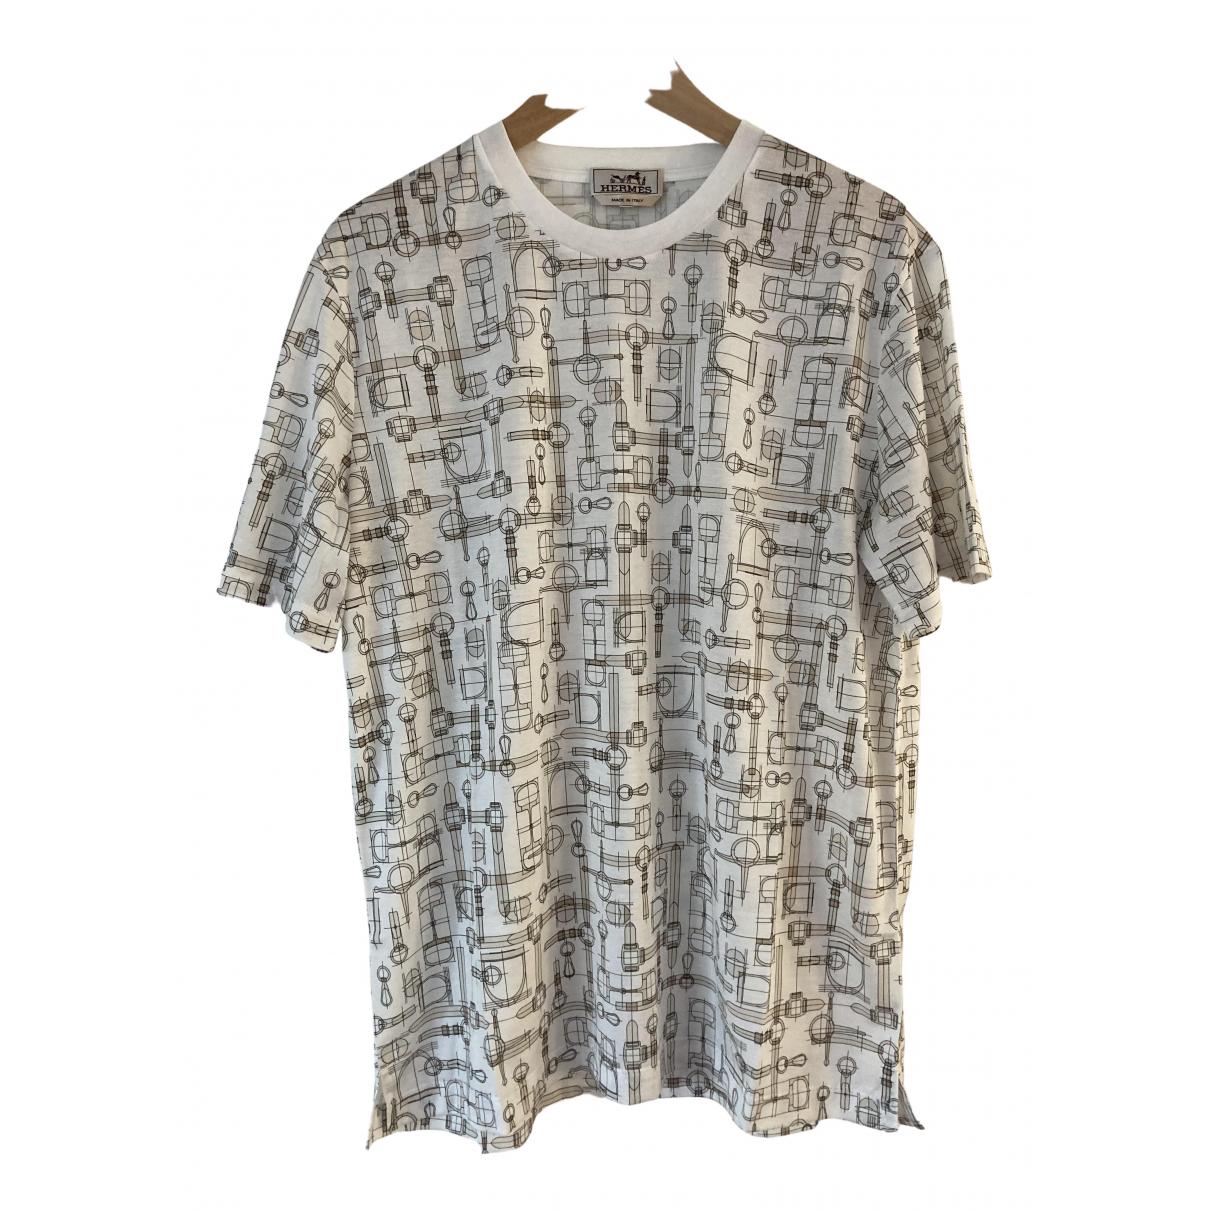 Hermes - Tee shirts   pour homme en coton - beige